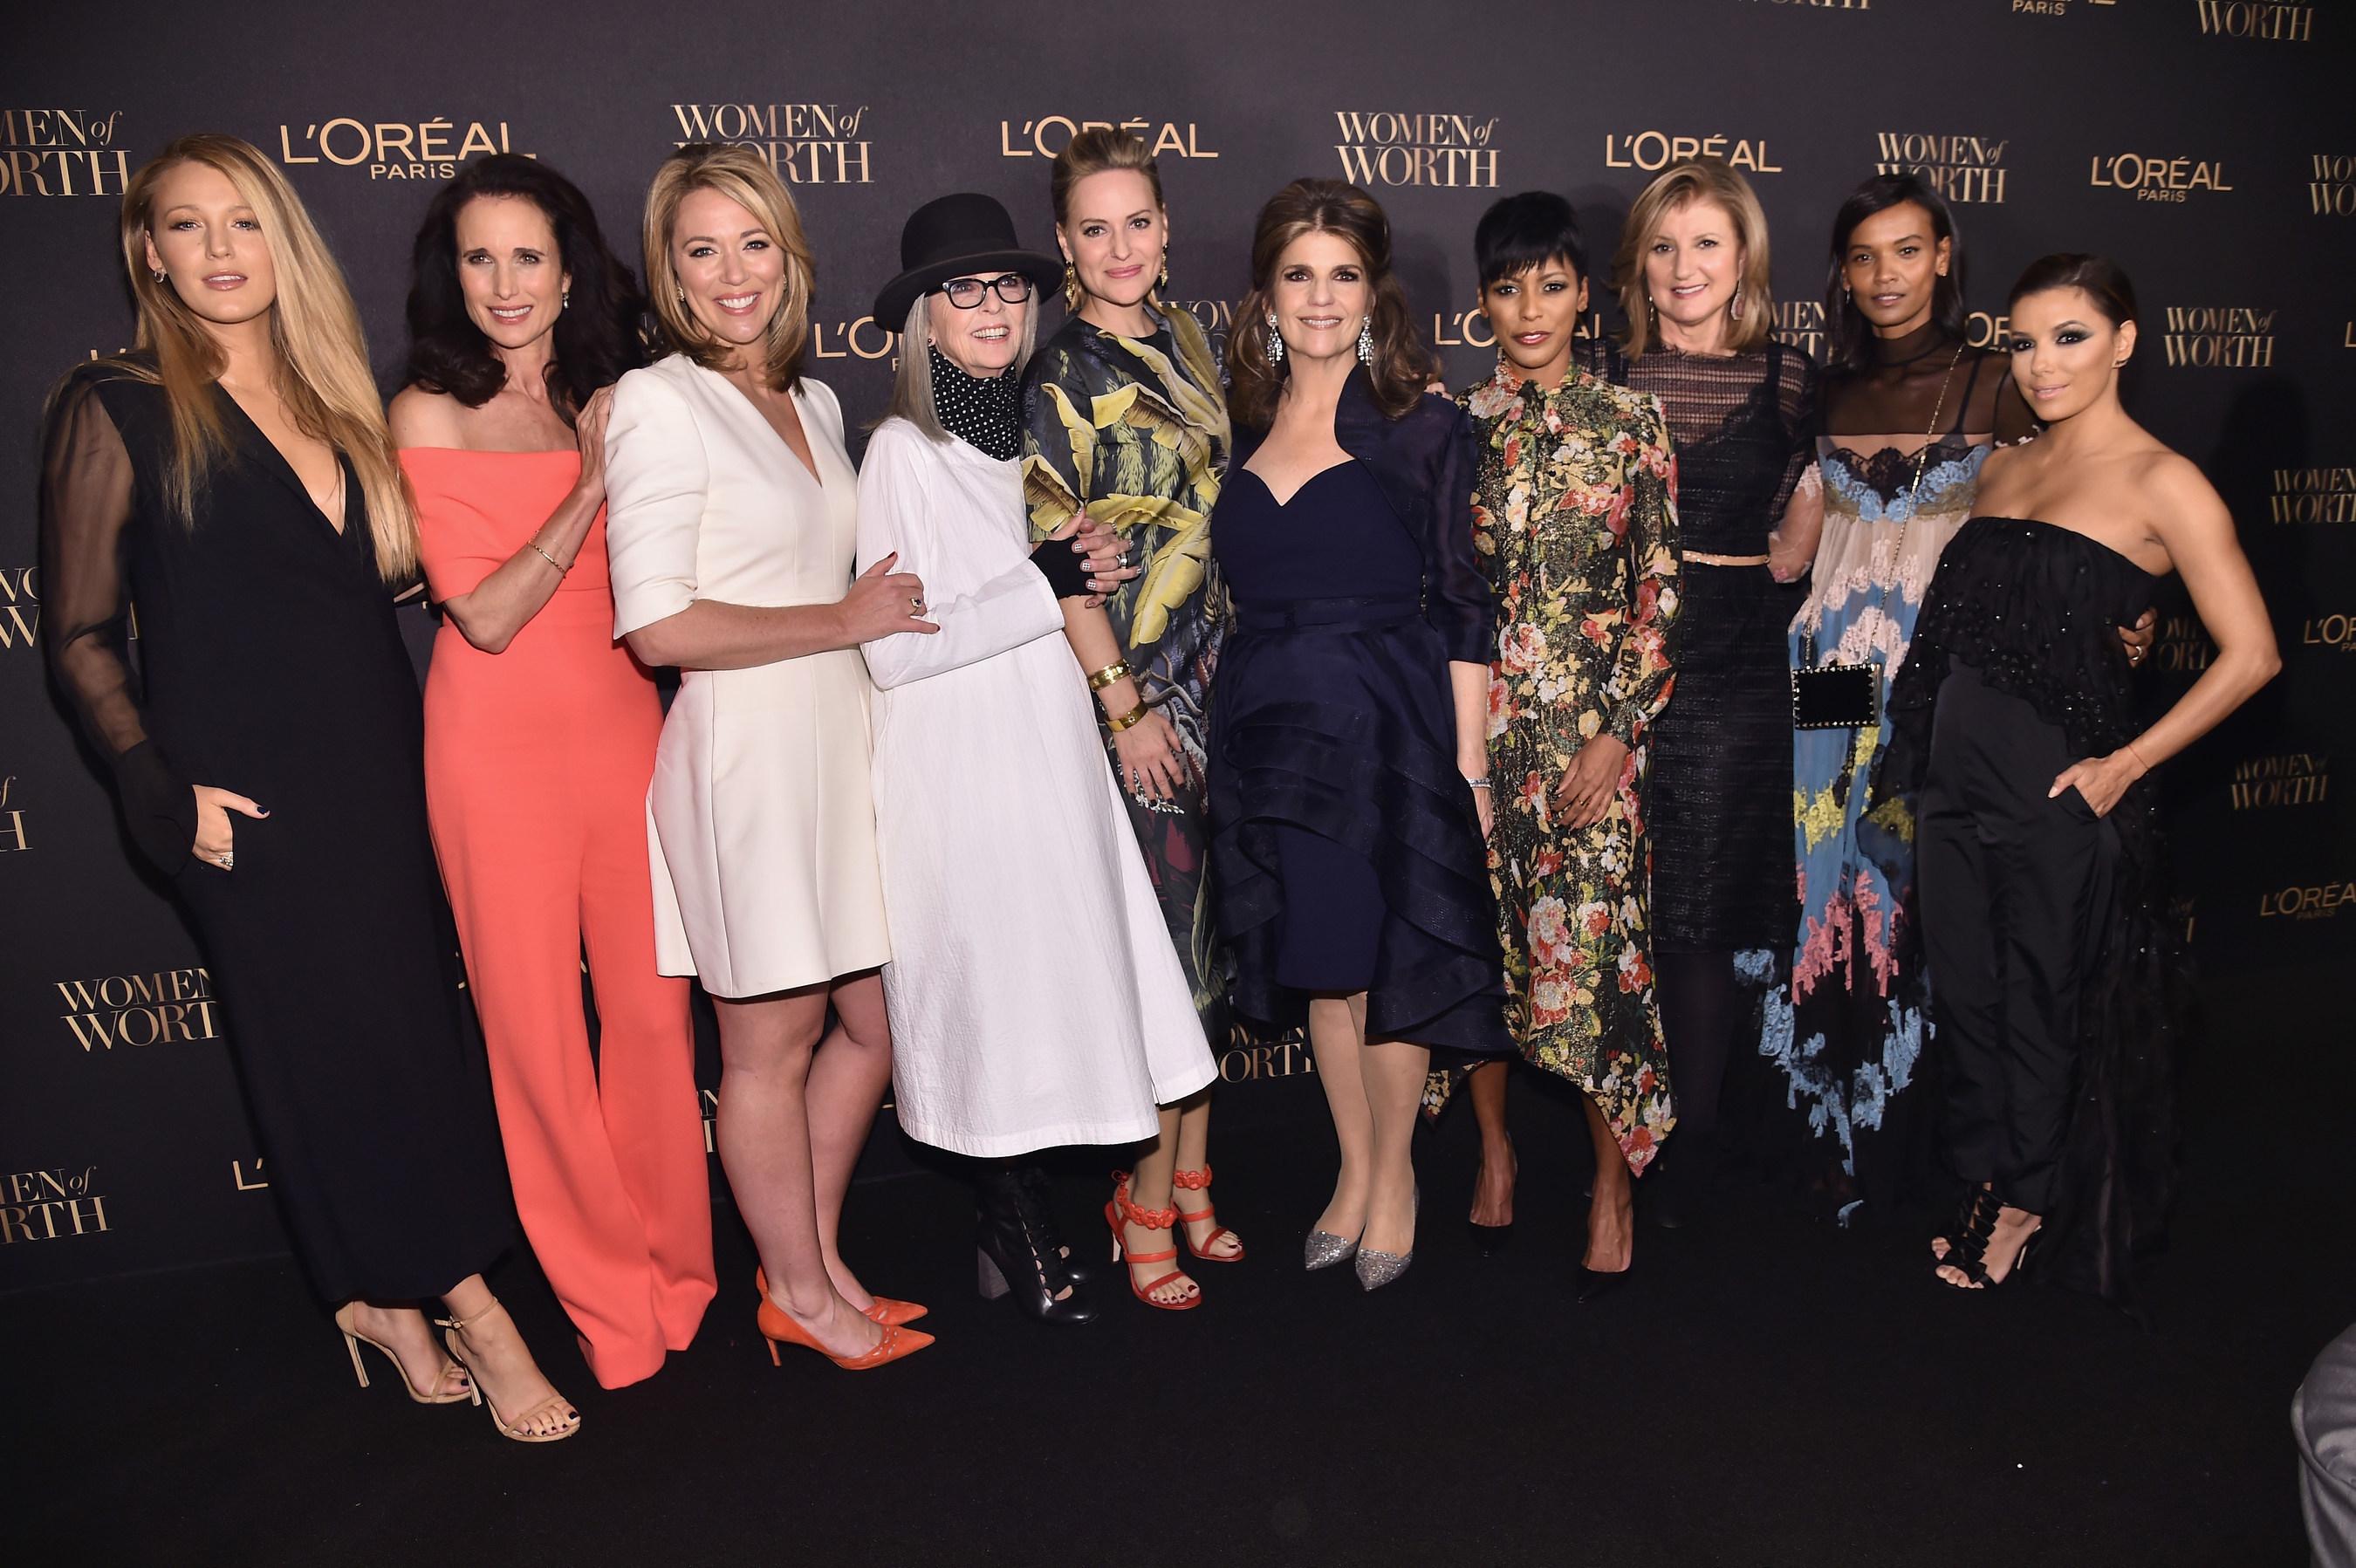 Karen T. Fondu and the 2016 L'Oreal Paris Women of Worth Honoree Presenters